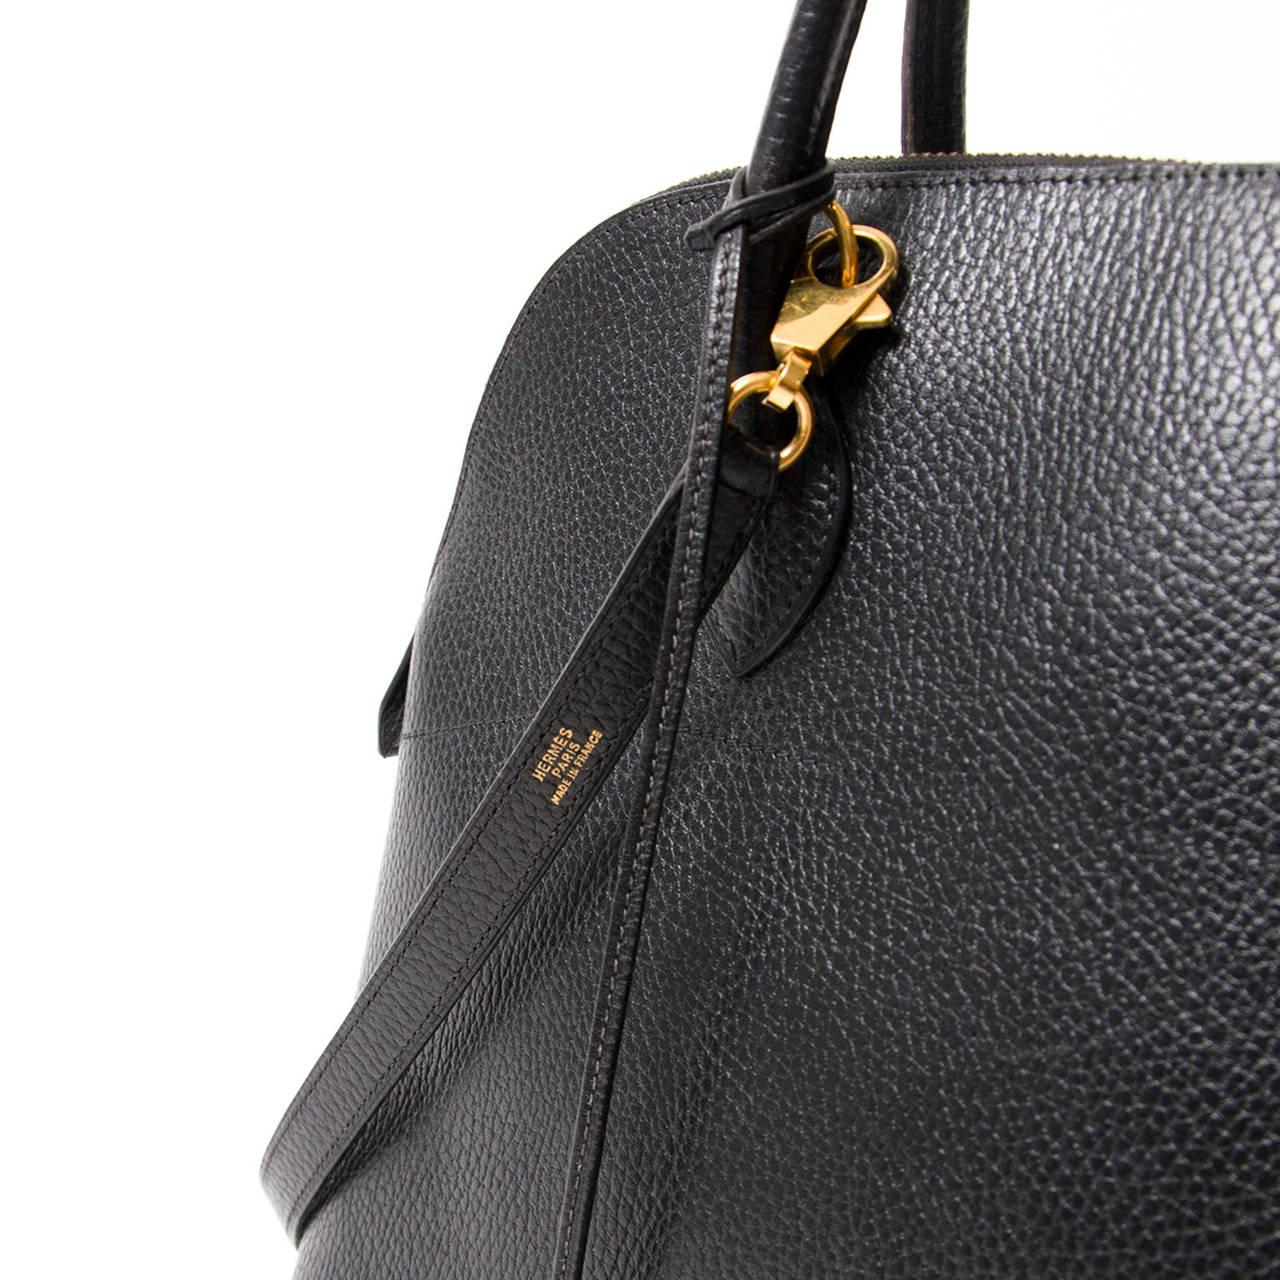 Hermes Bolide 35 Black Top Handle Shoulder Strap Bag GHW at 1stdibs